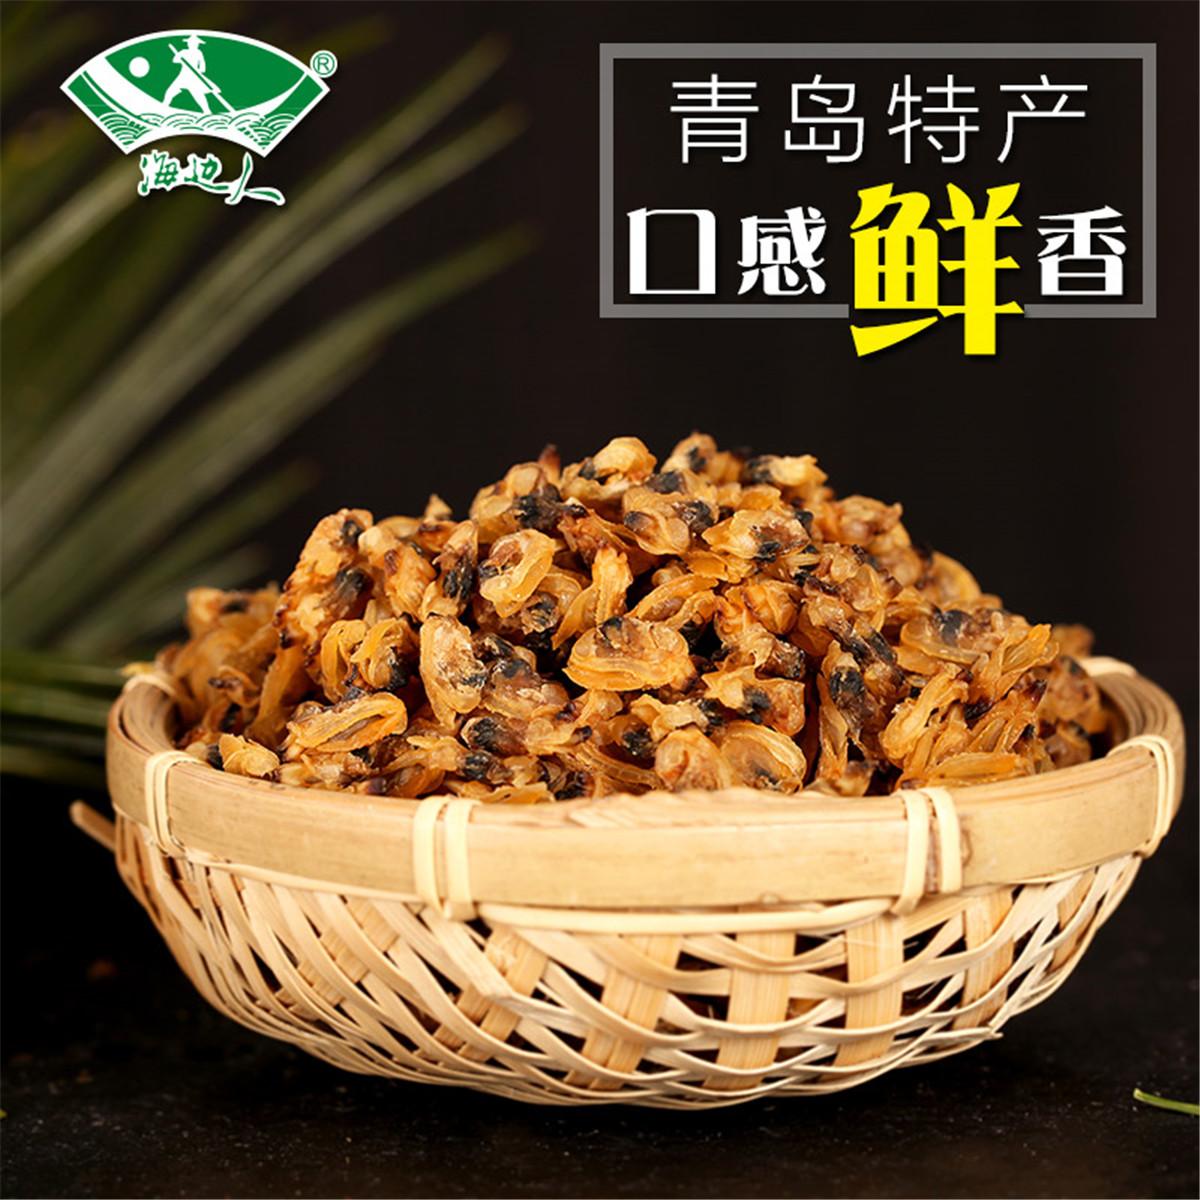 海边人蛤蜊肉干240g青岛特产海鲜干货 海产品海味零食花蛤干COLOR蛤蜊肉干240g